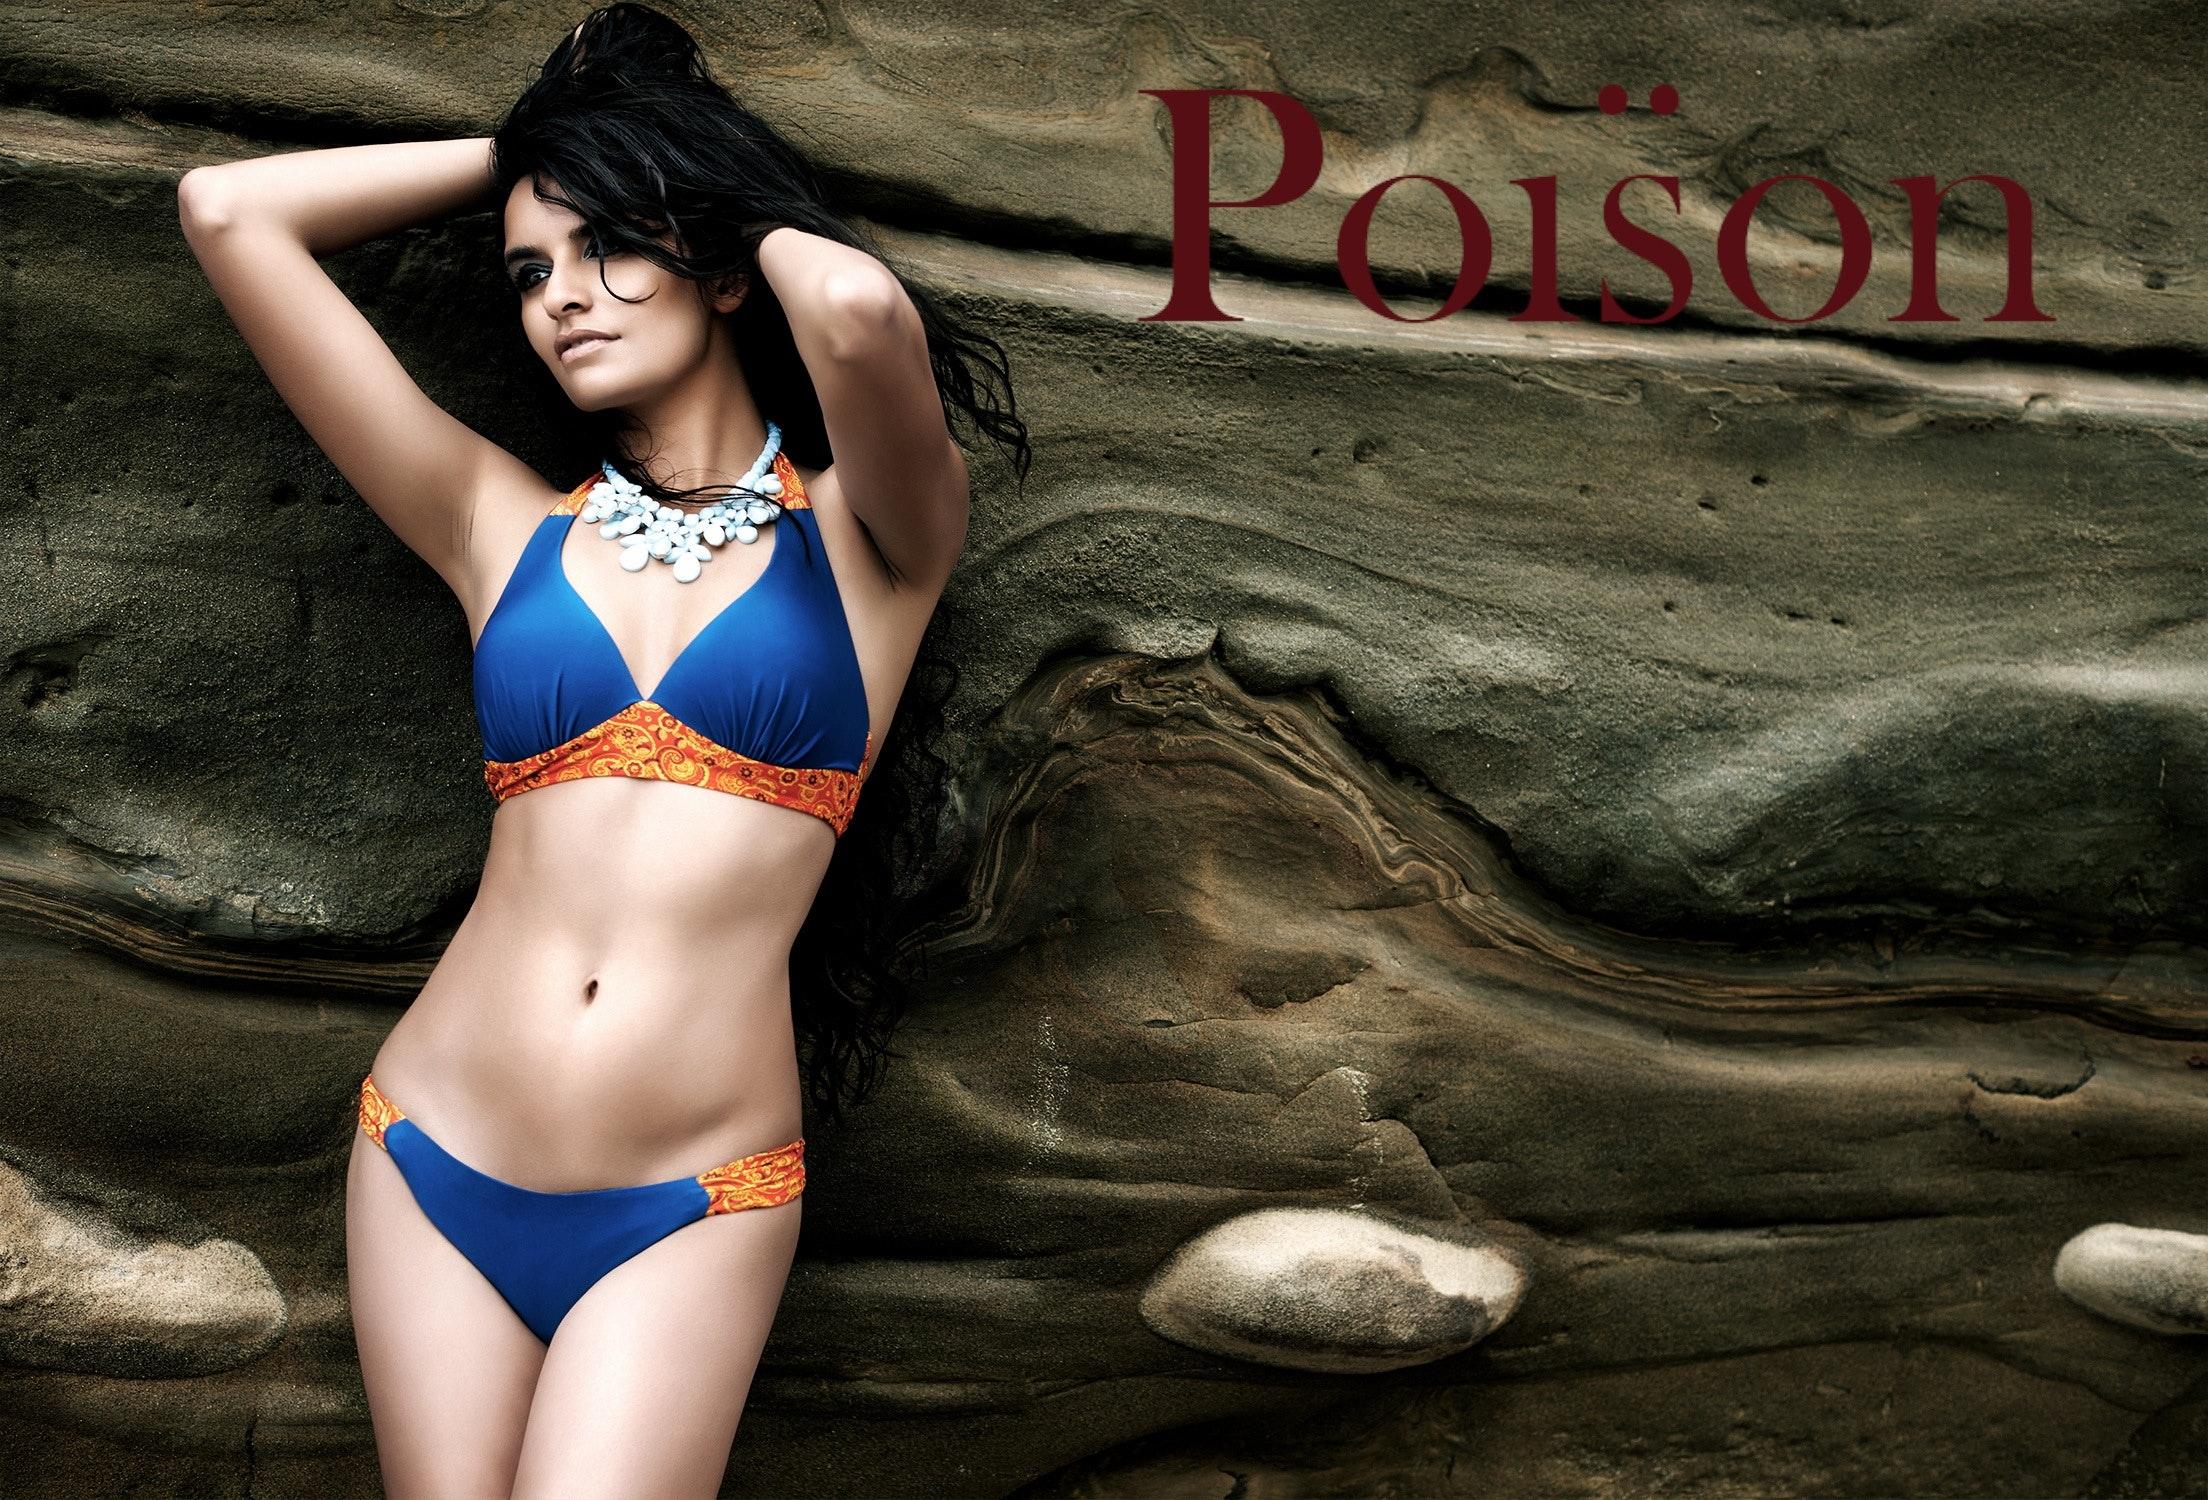 Reena Gohil's Model portfolio